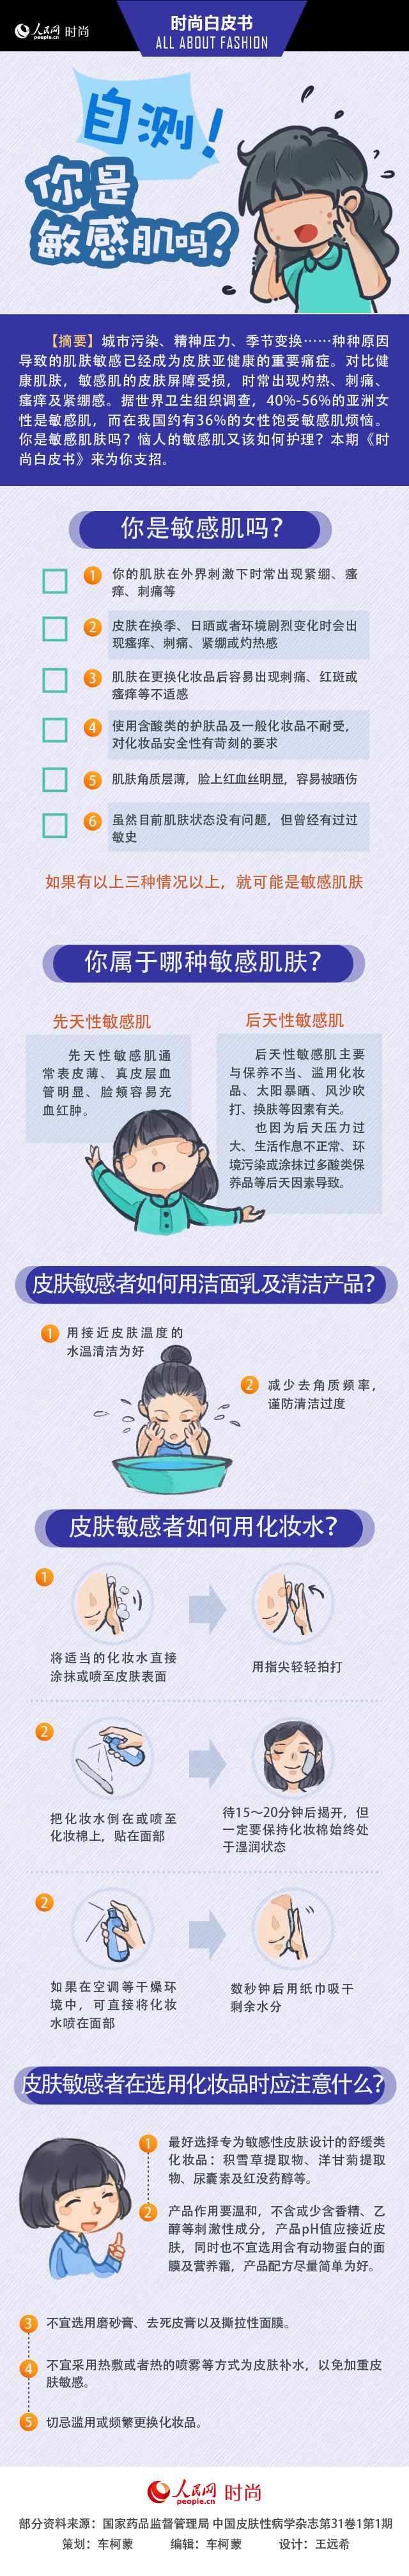 时尚白皮书:过半亚洲女性皮肤敏感 科学护理拯救敏感肌